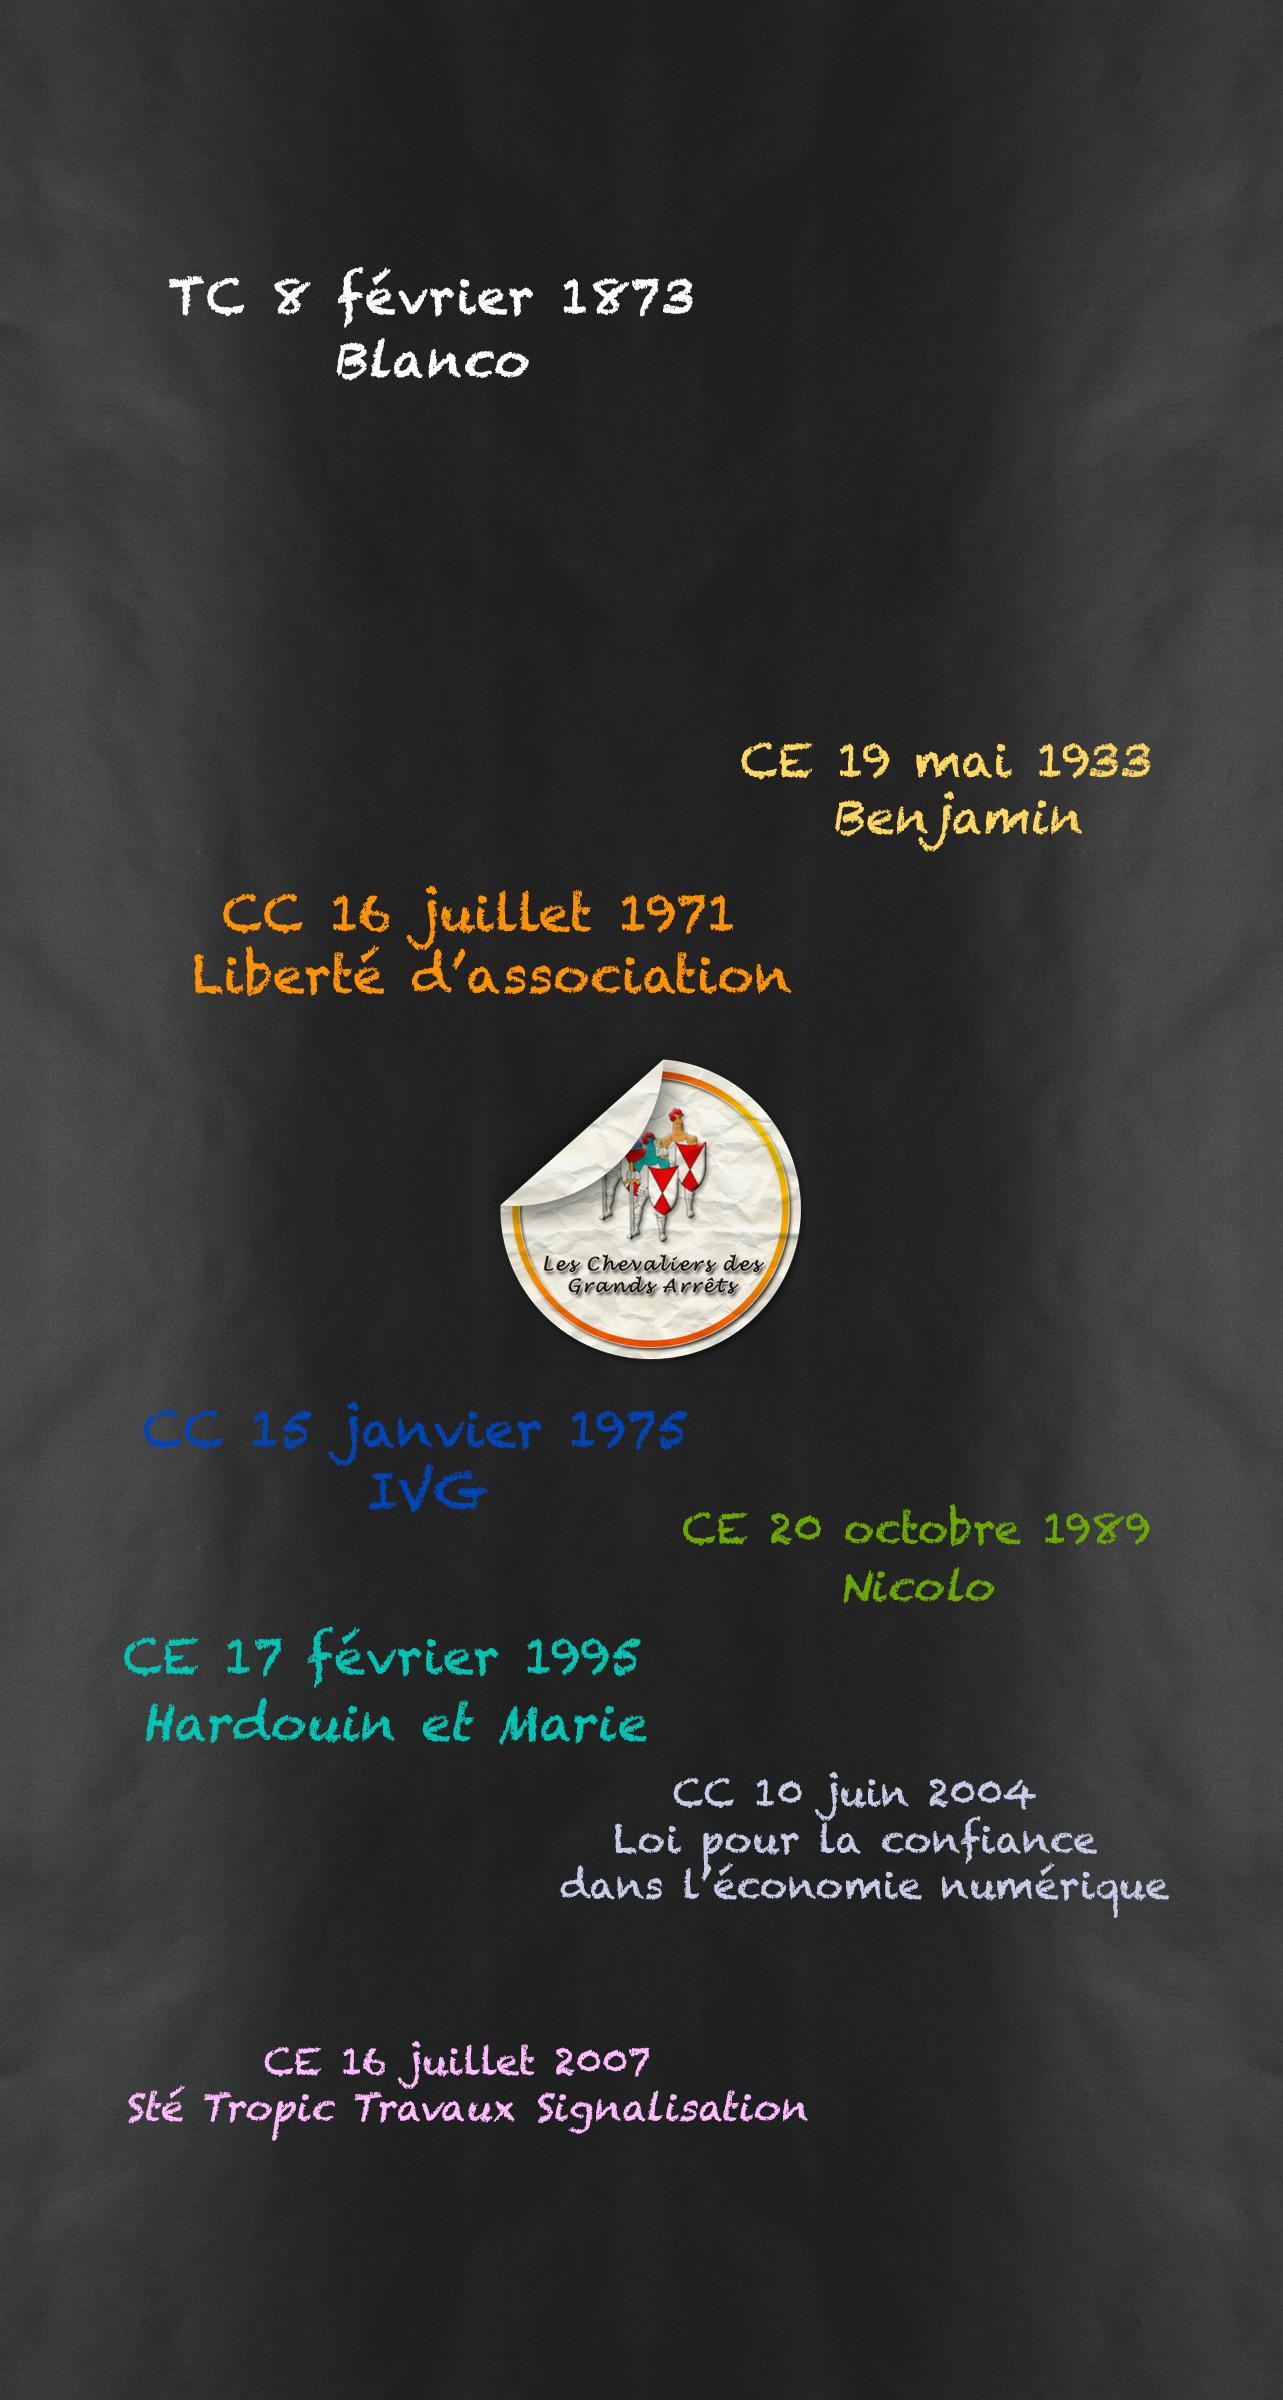 Fonds Décran Les Chevaliers Des Grands Arrêts